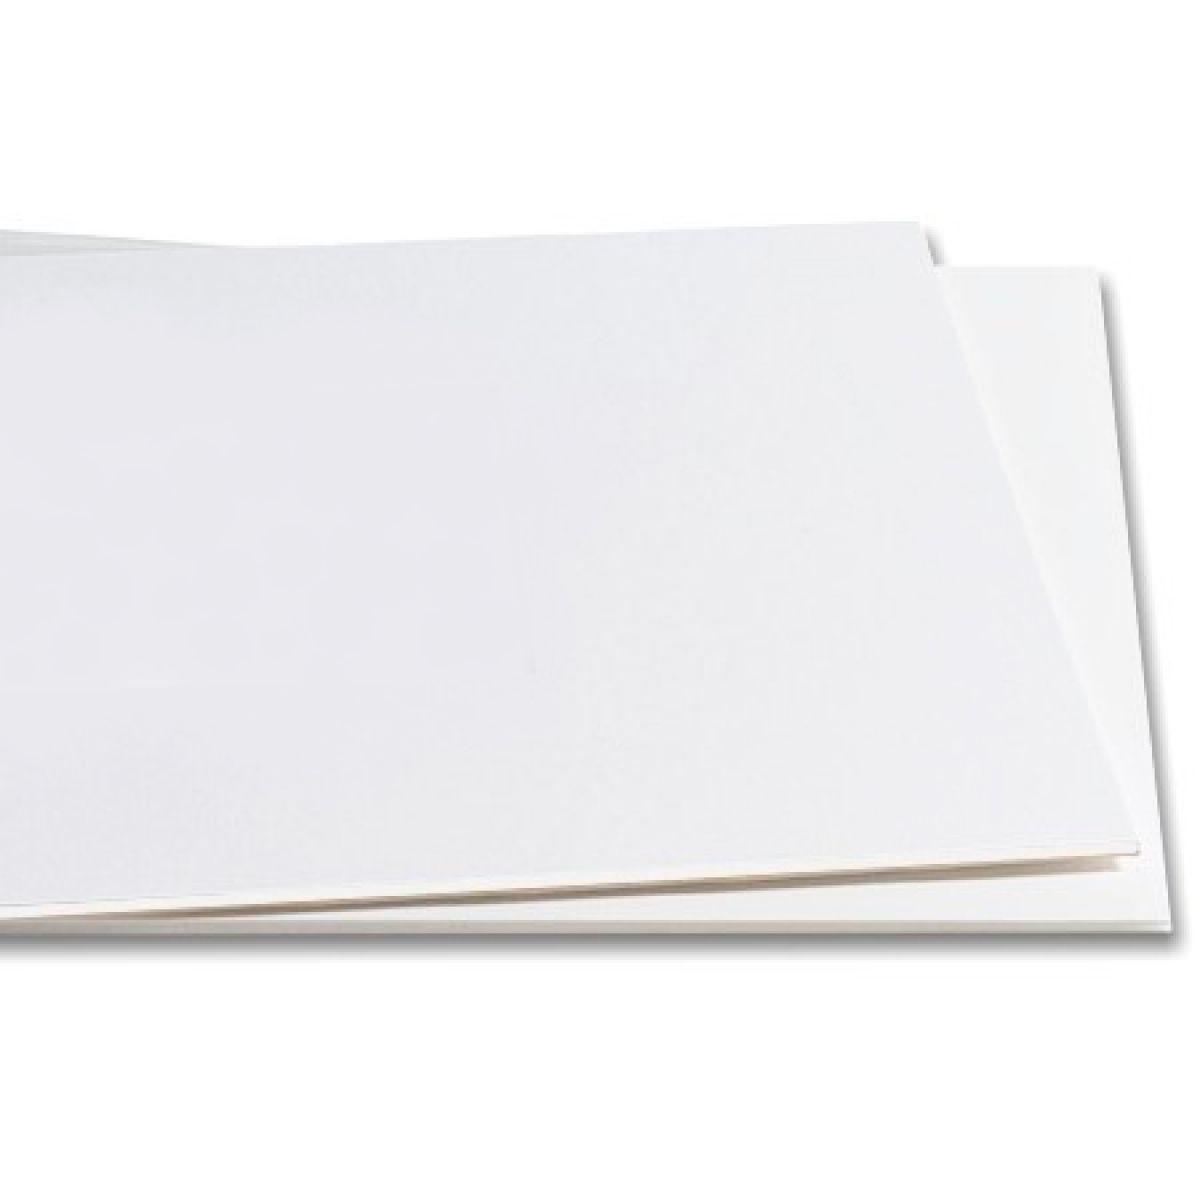 Papel Couche Brilho 250g A4 Embalagem Com 100 Folhas Phandora